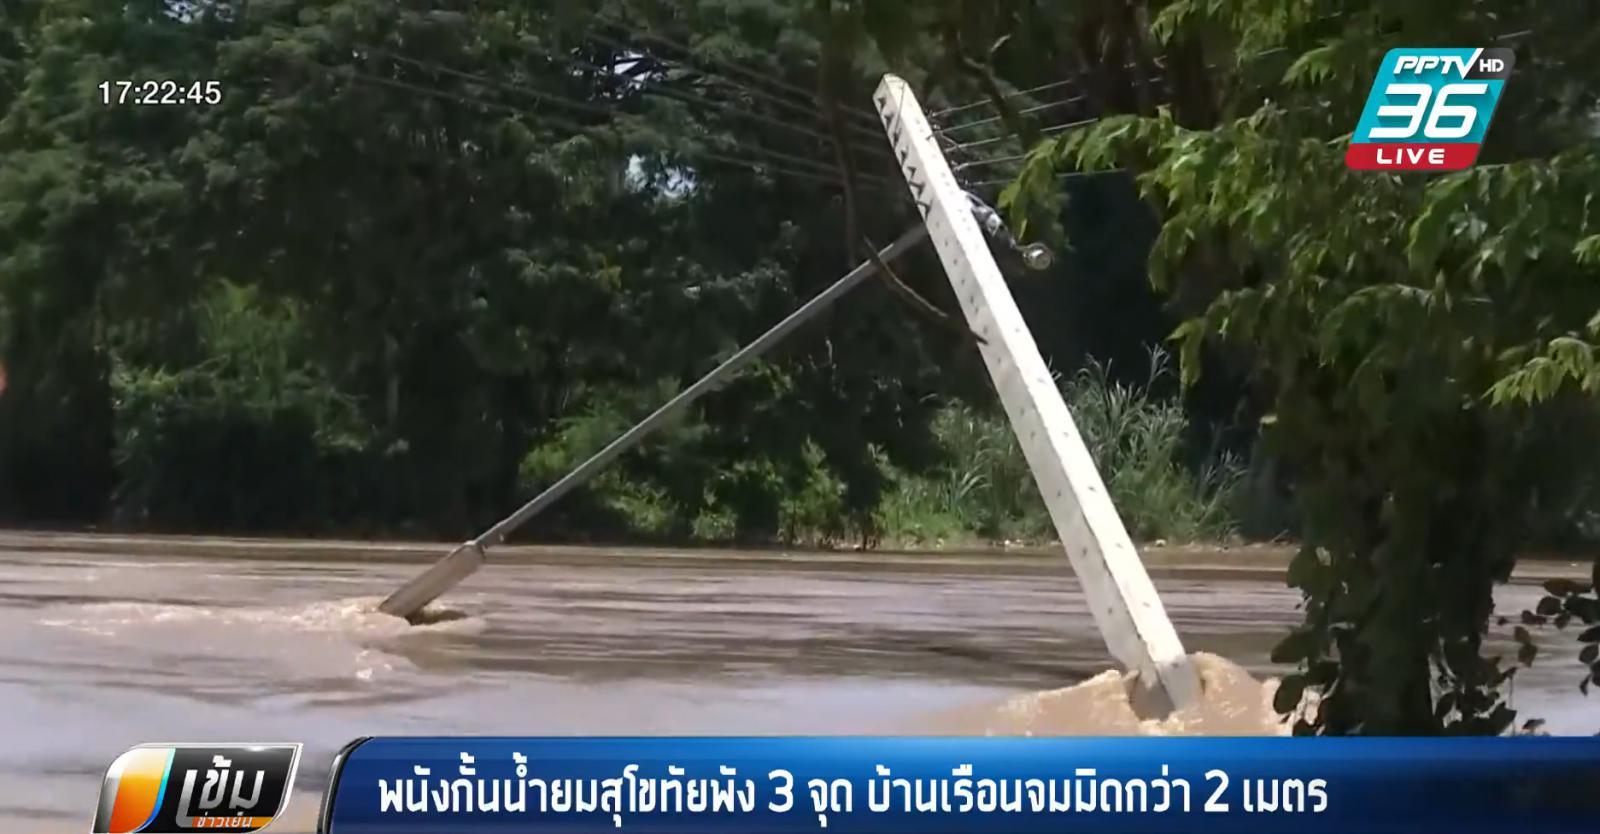 พนังกั้นน้ำยม พัง 3 จุด บ้านเรือนจมมิดกว่า 2 เมตร